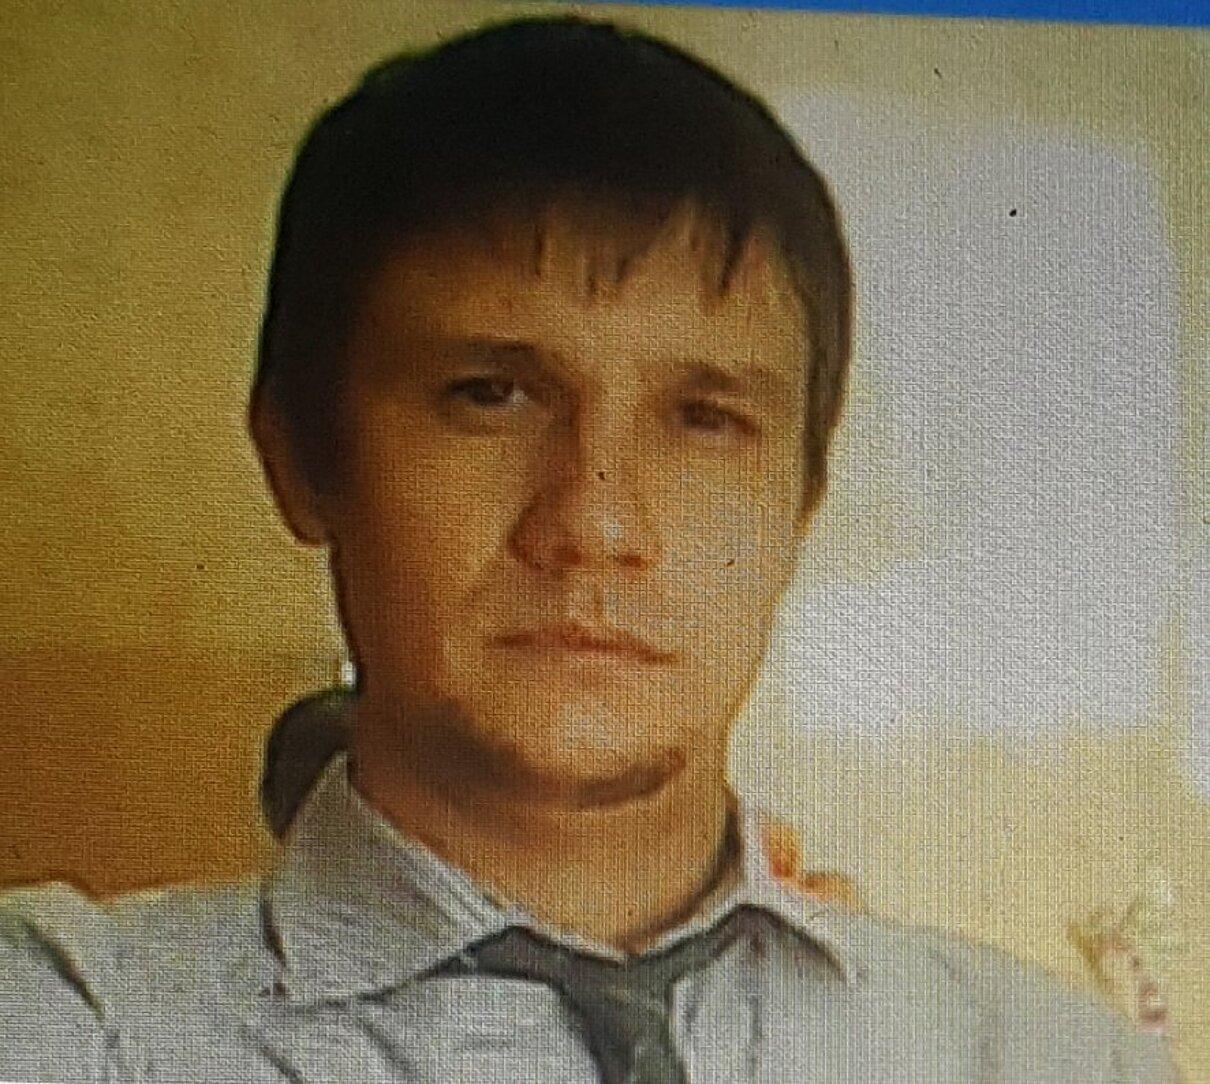 Жалоба-отзыв: Рябченко Денис Александрович - Аферист. Альфонс. Алименщик